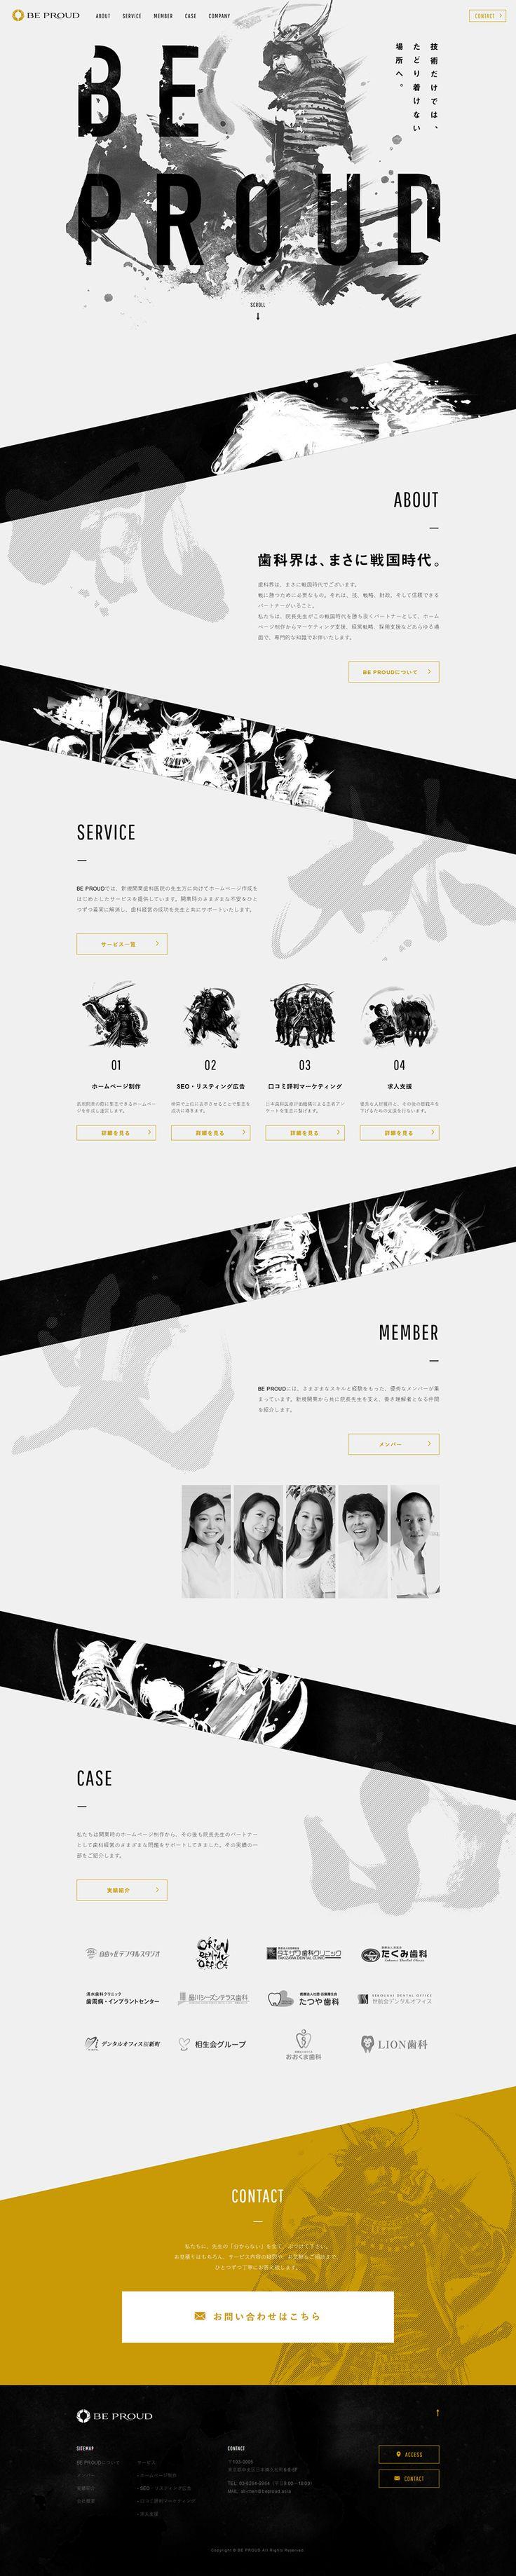 BE PROUD【サービス関連】のLPデザイン。WEBデザイナーさん必見!ランディングページのデザイン参考に(かっこいい系)